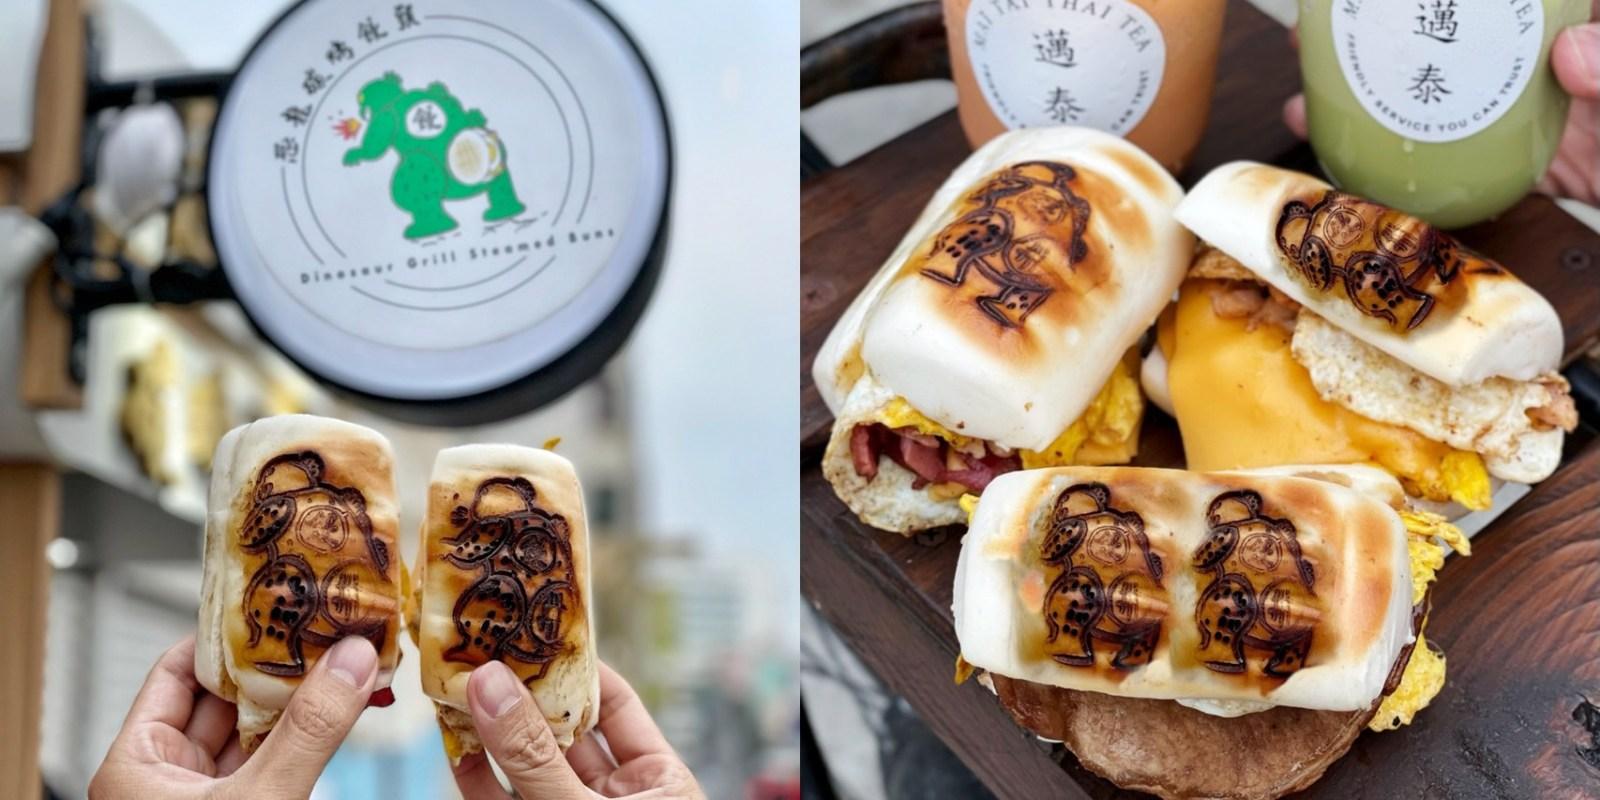 澎湖又有可愛的銅板美食啦!就是這個療癒的『恐龍碳烤饅頭』,當作散步小點心或是晚餐都很適合唷!